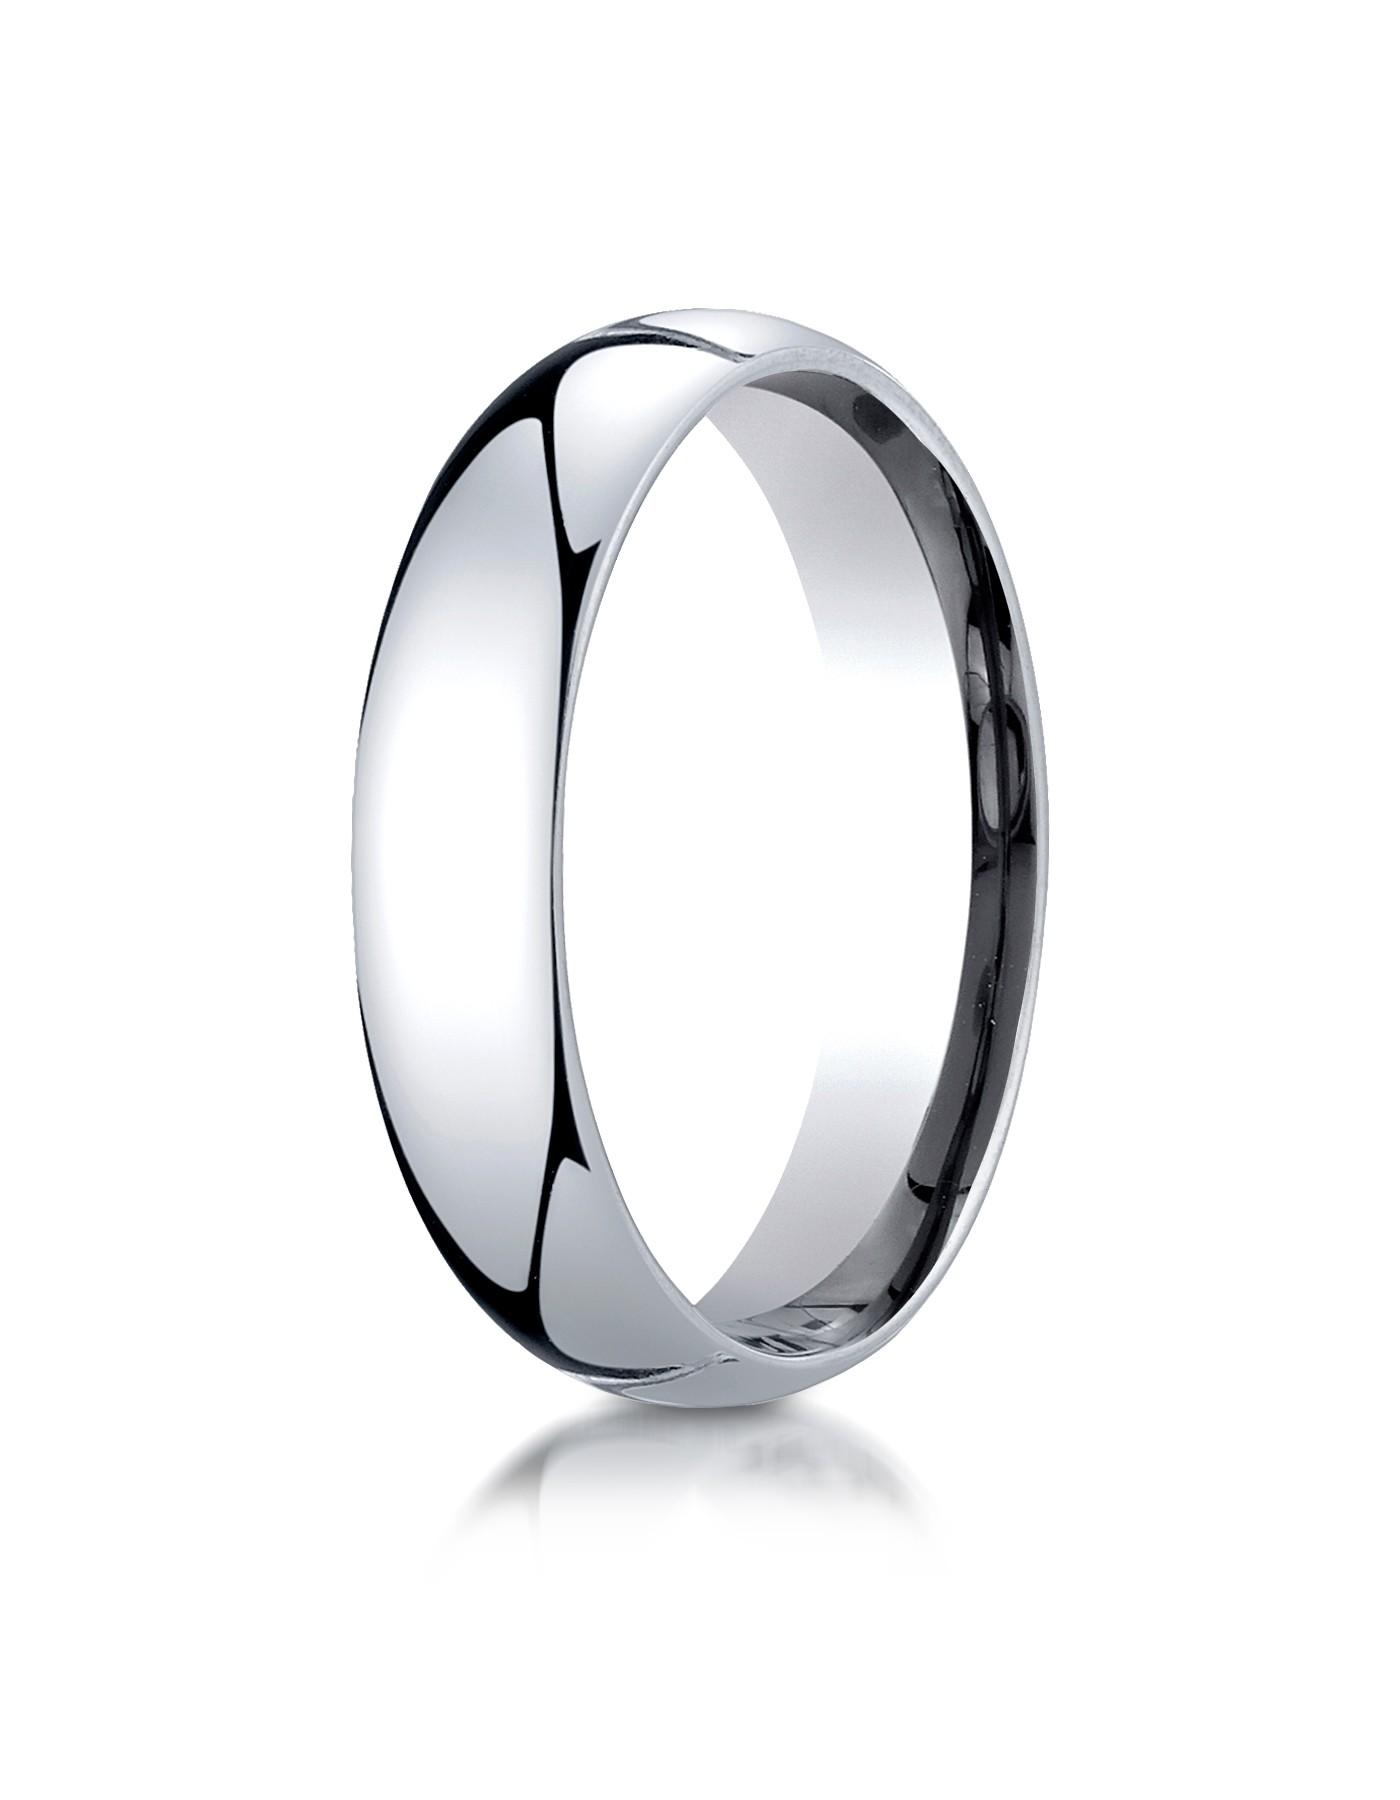 14k White Gold 5mm Slightly Domed Super Light Comfort-fit Ring